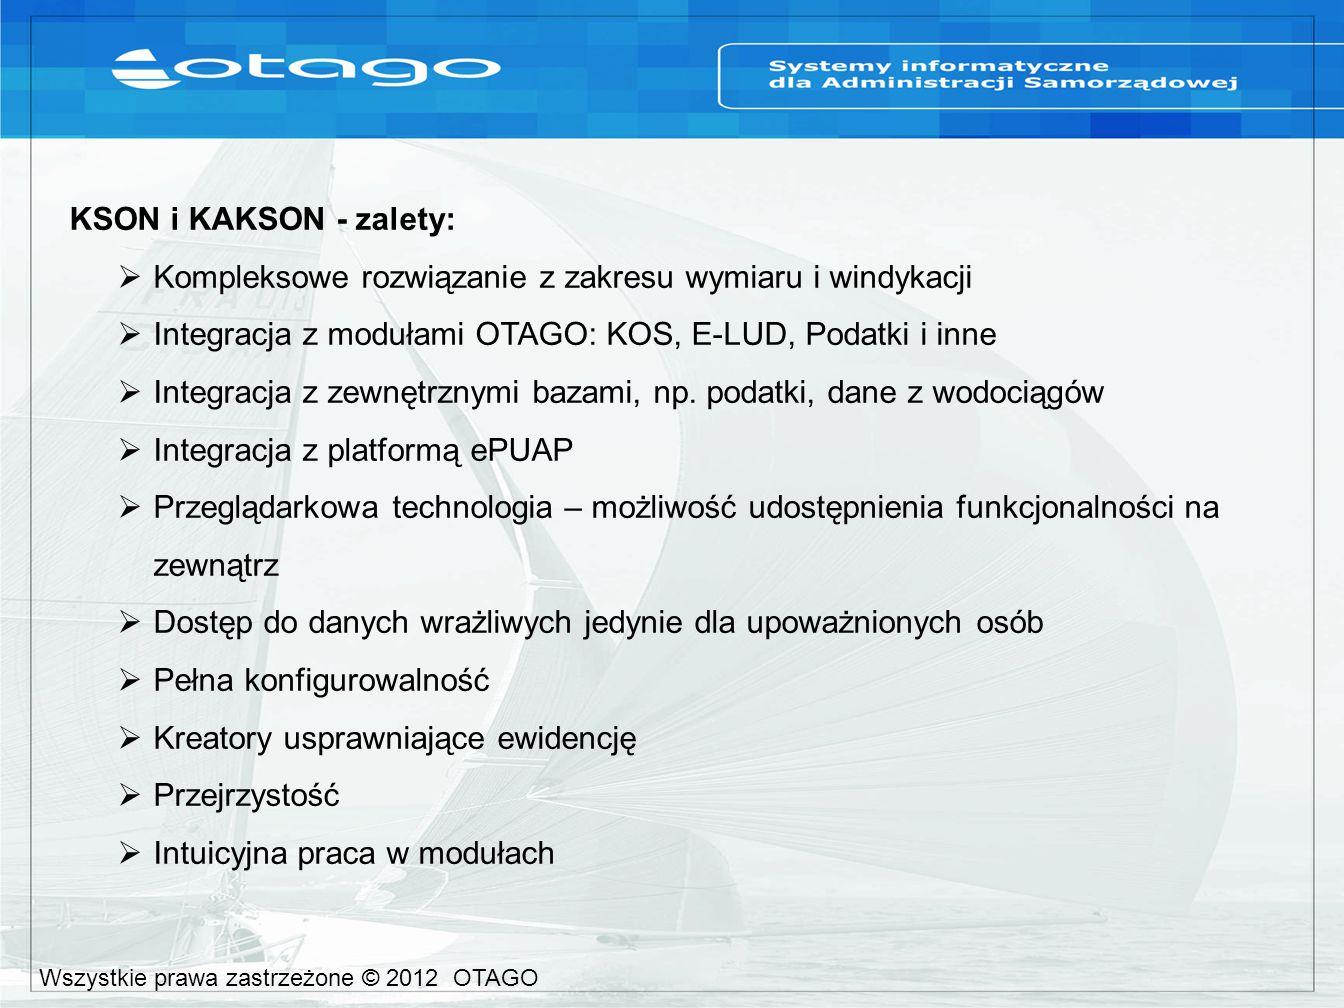 KSON i KAKSON - zalety:  Kompleksowe rozwiązanie z zakresu wymiaru i windykacji  Integracja z modułami OTAGO: KOS, E-LUD, Podatki i inne  Integracja z zewnętrznymi bazami, np.